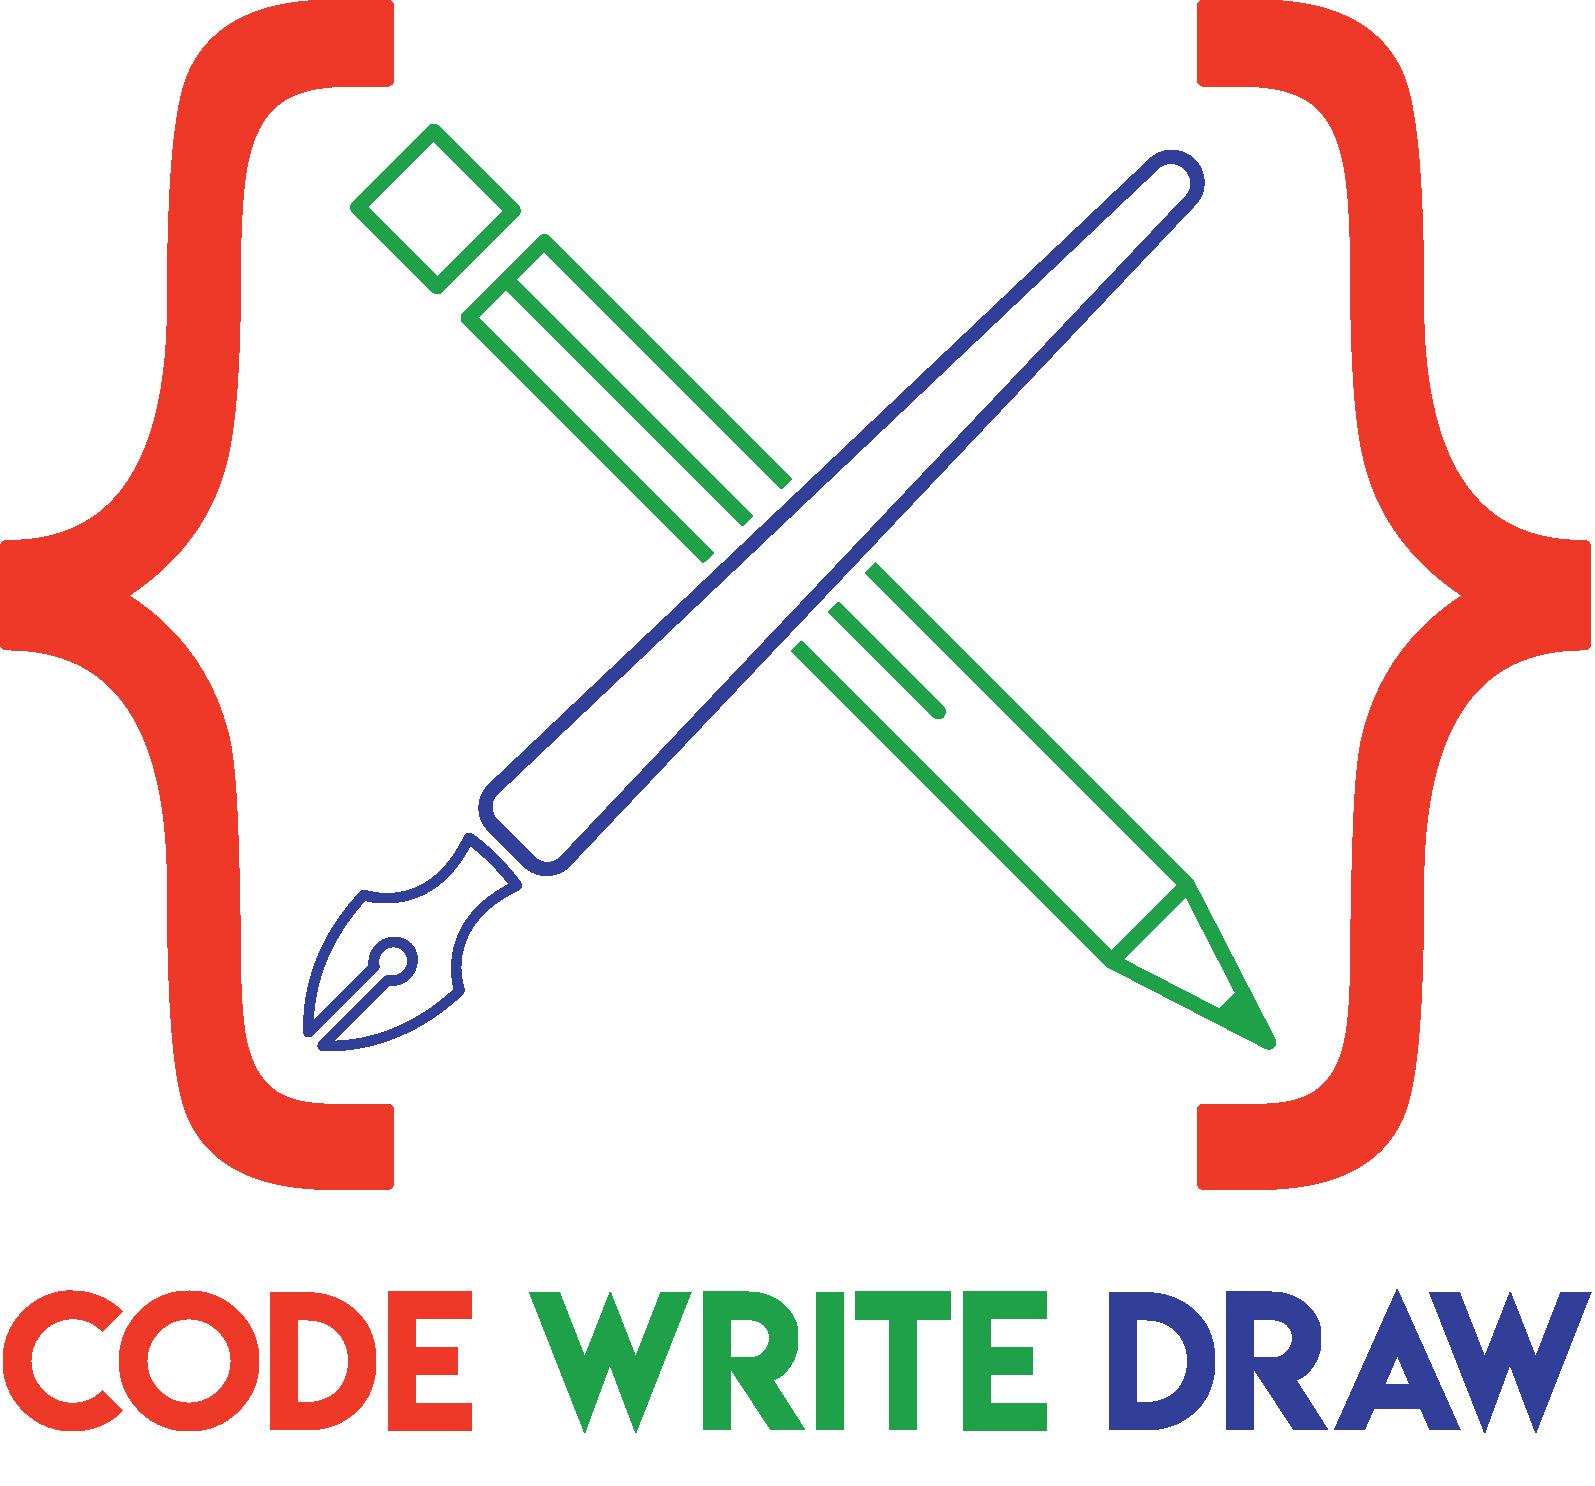 CODE WRITE DRAW